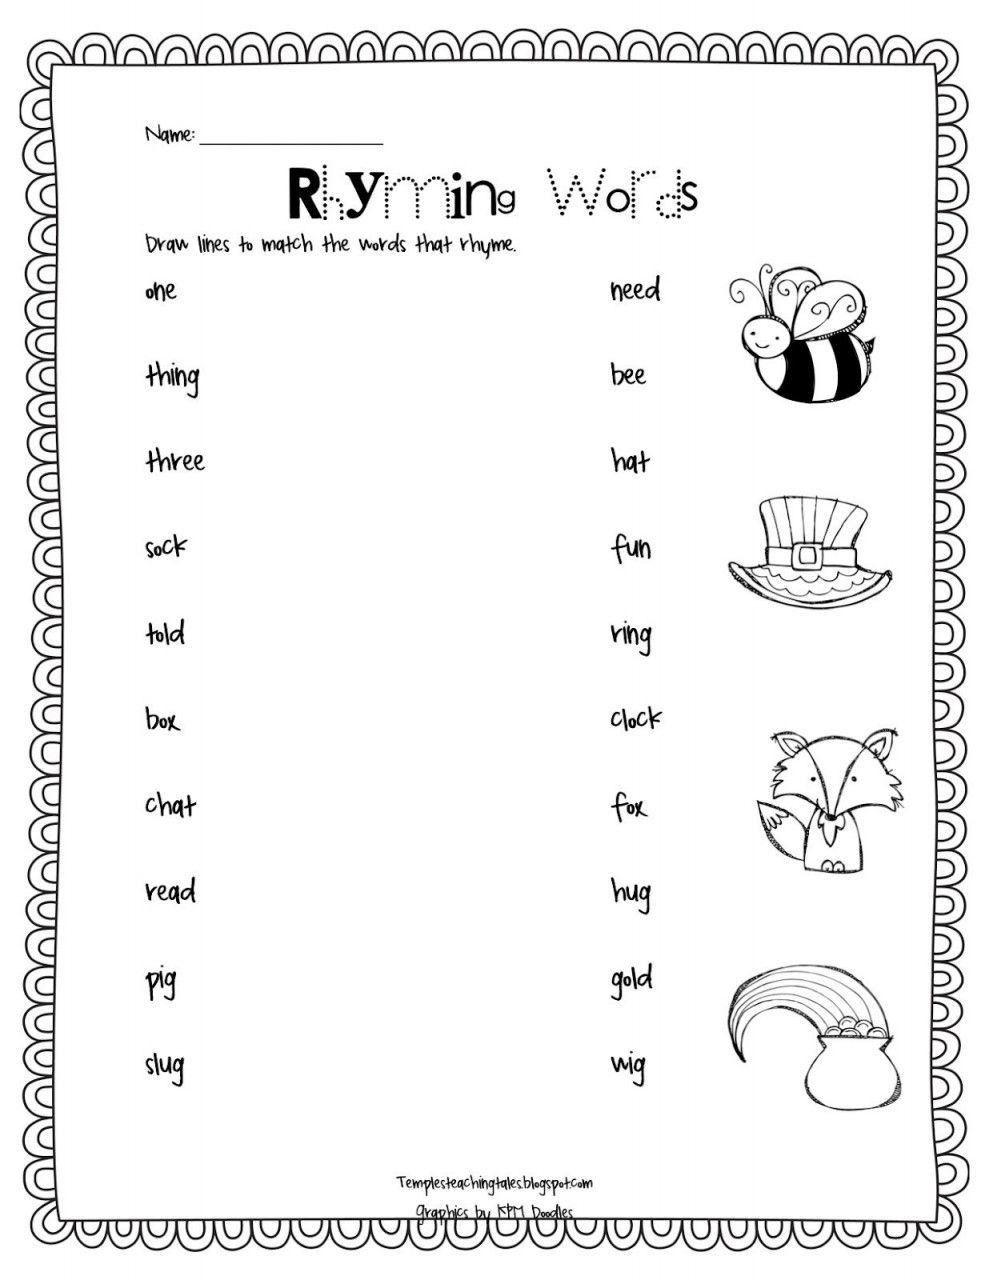 Rhyming Worksheets For Kindergarten Rhyming Worksheet Rhyming Words Worksheets Rhyming Words